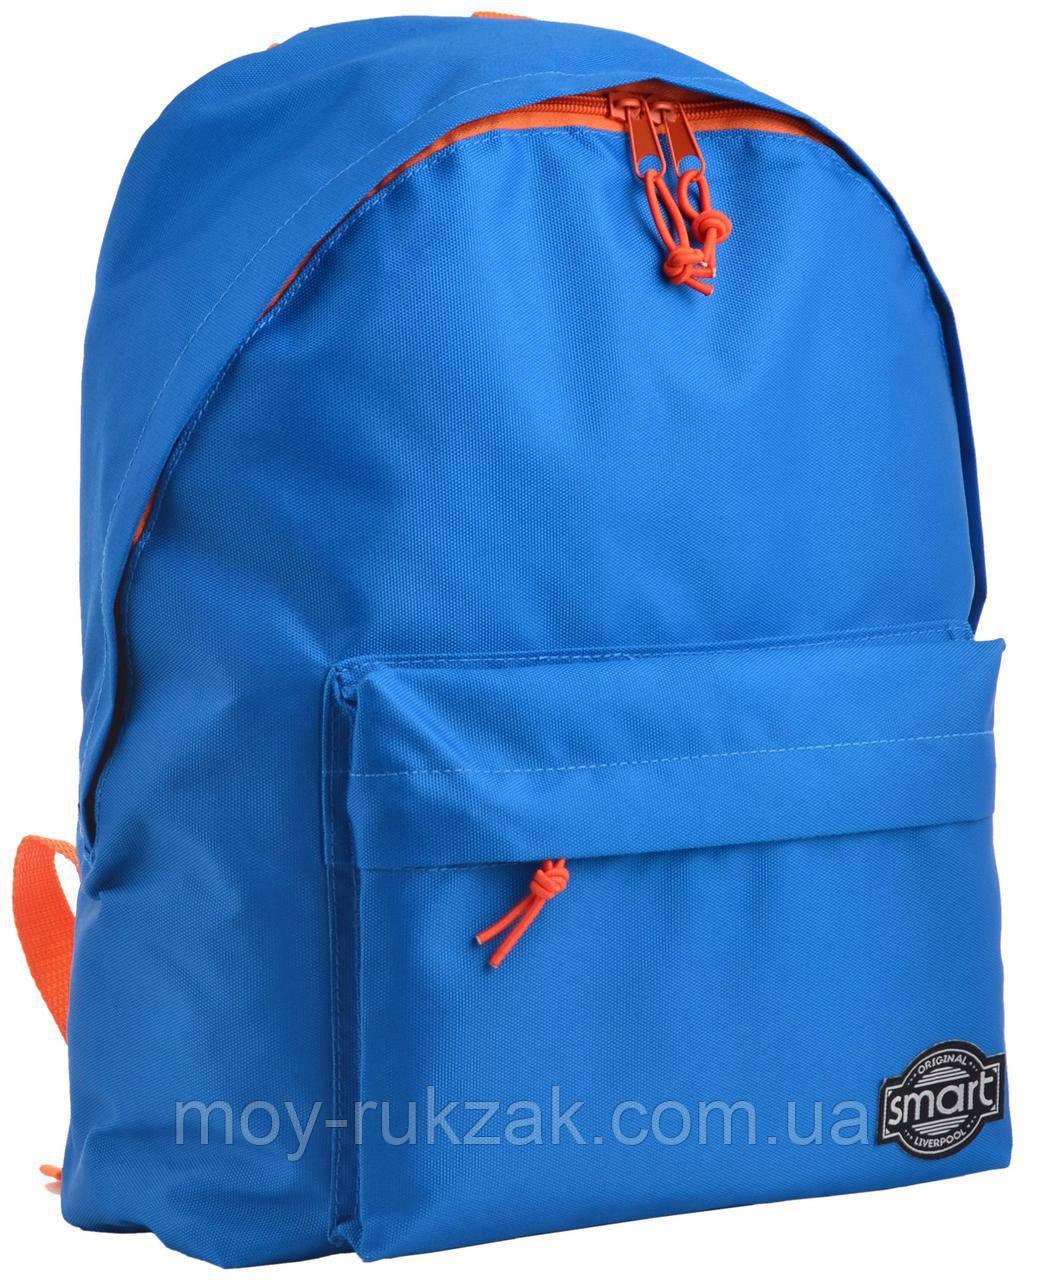 """Рюкзак подростковый Powder blue  """"Smart"""" ST-29, 555388"""